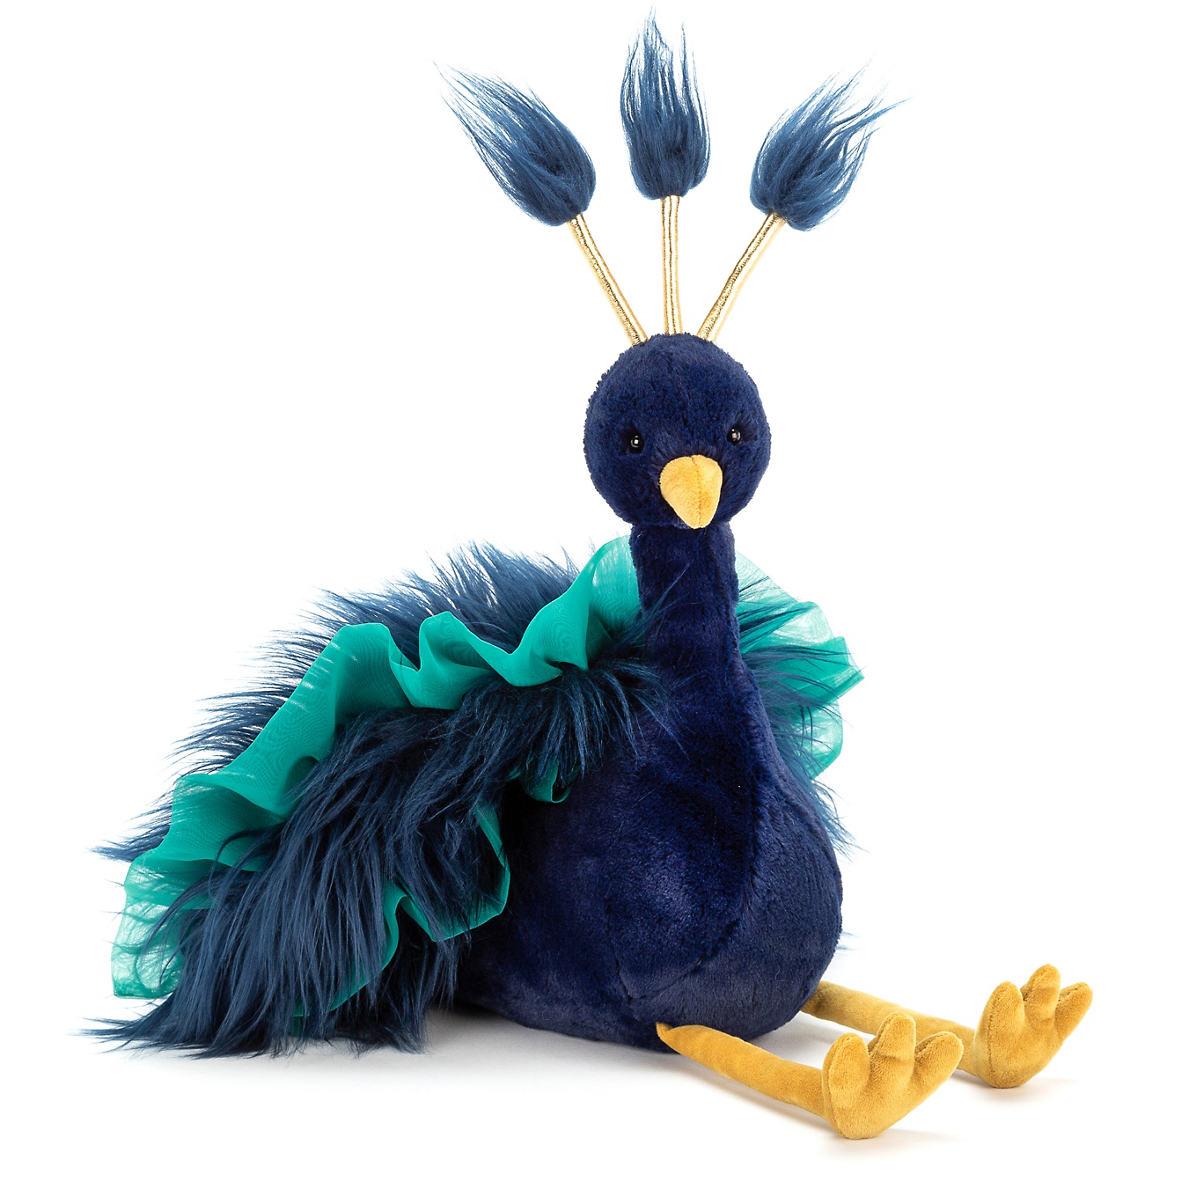 Electra Plume Peacock Stuffed Animal